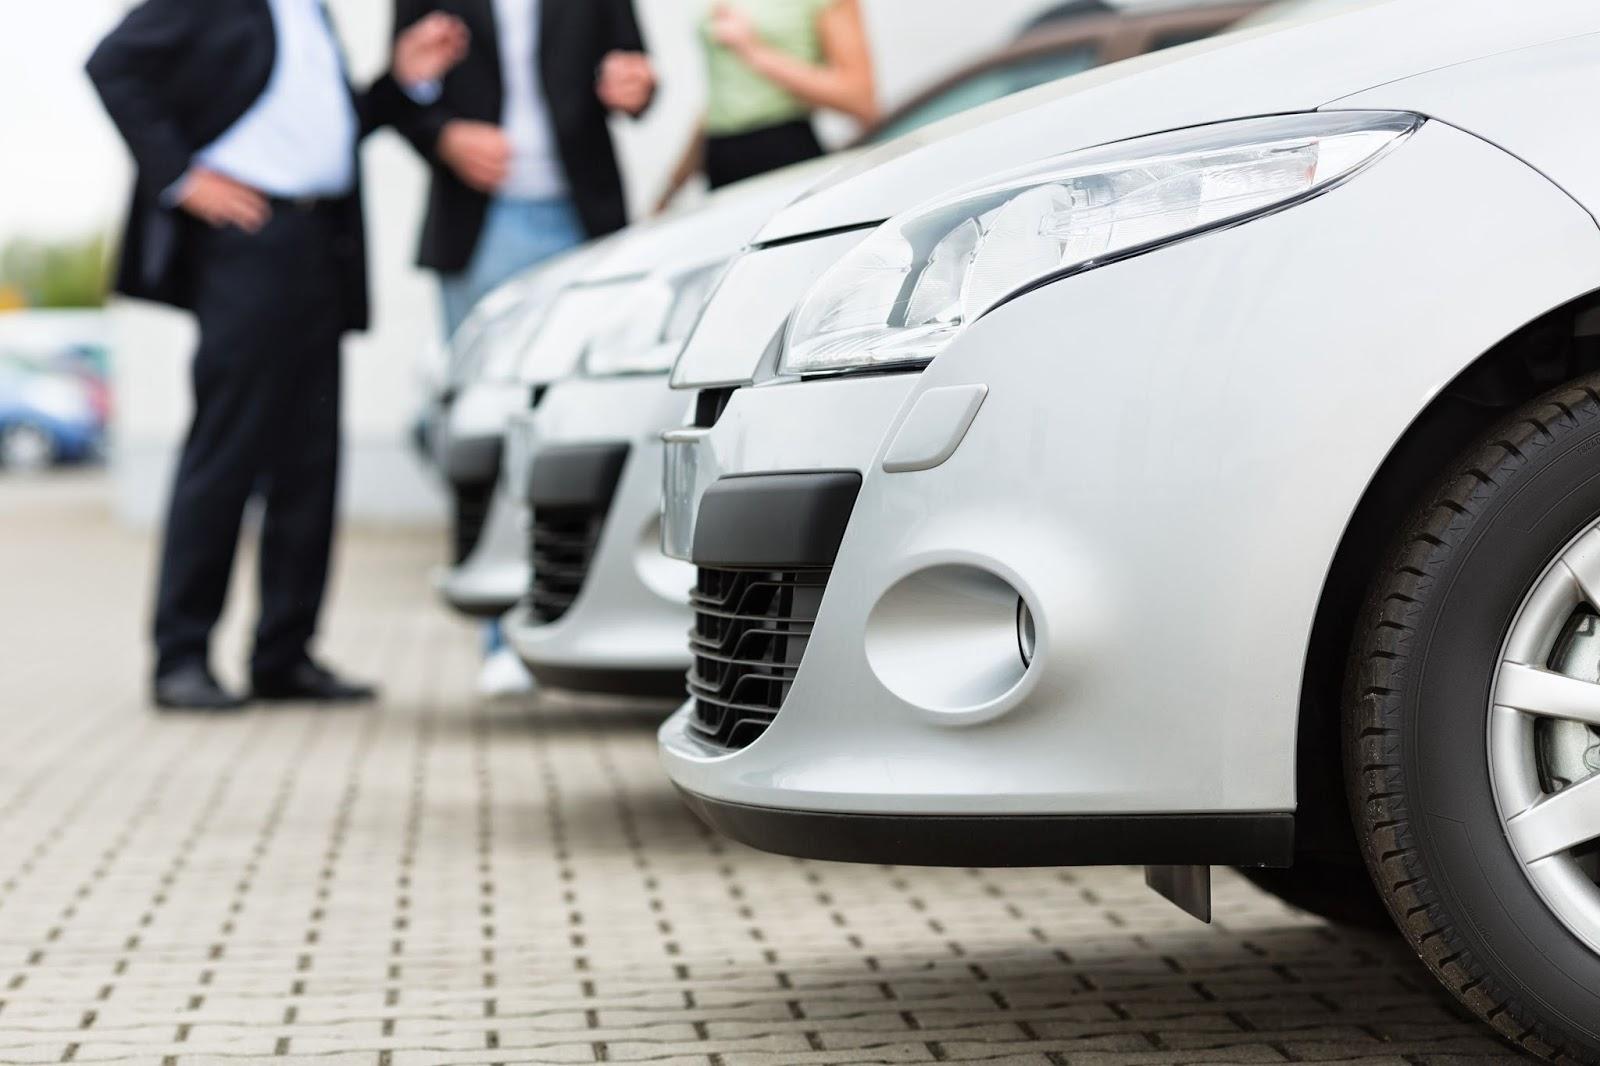 Salón del Automóvil de Madrid - Fenix Directo